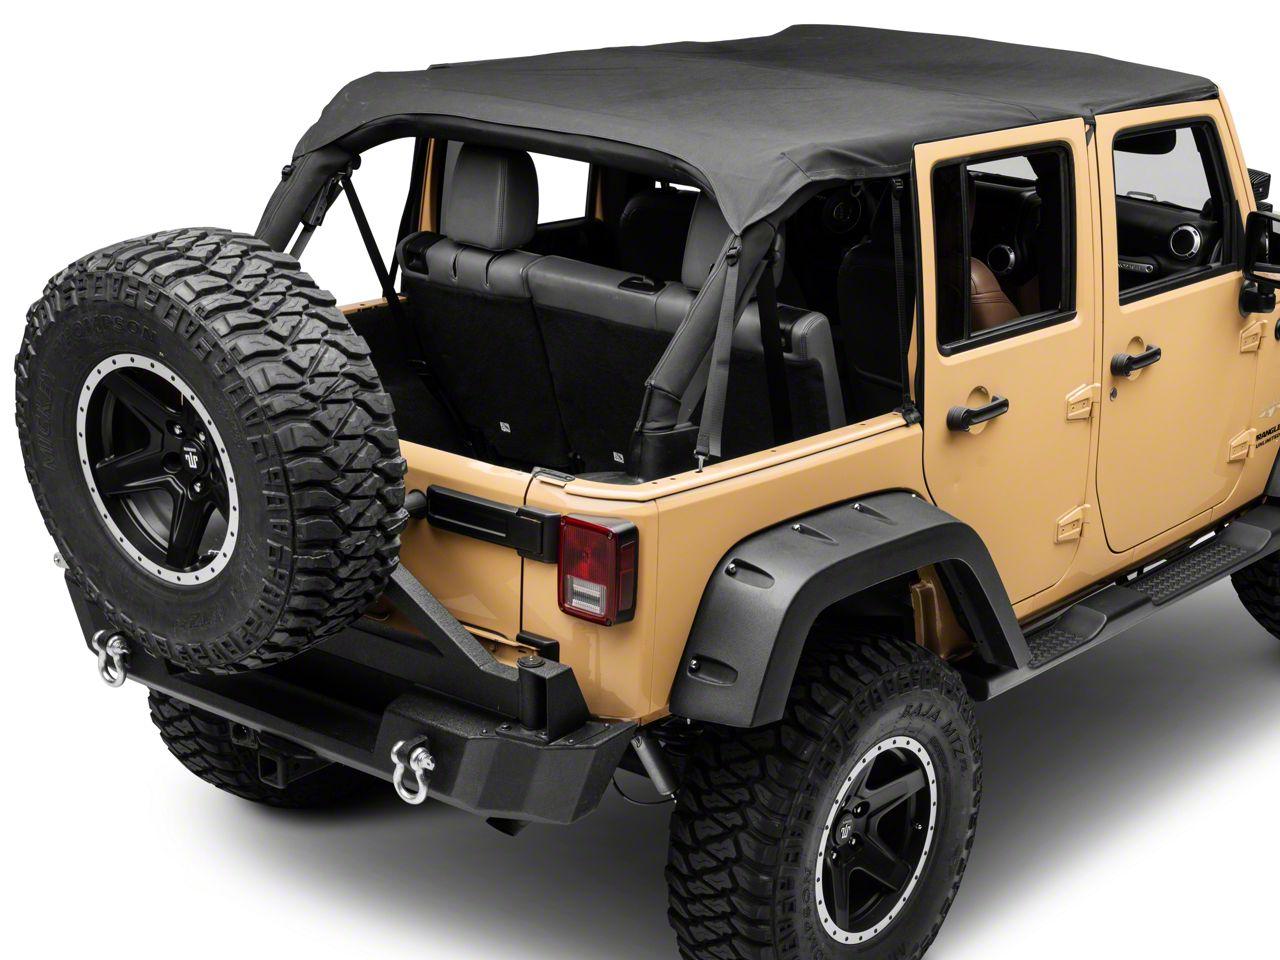 Smittybilt Extended Top - Black Diamond (07-09 Jeep Wrangler JK 4 Door)